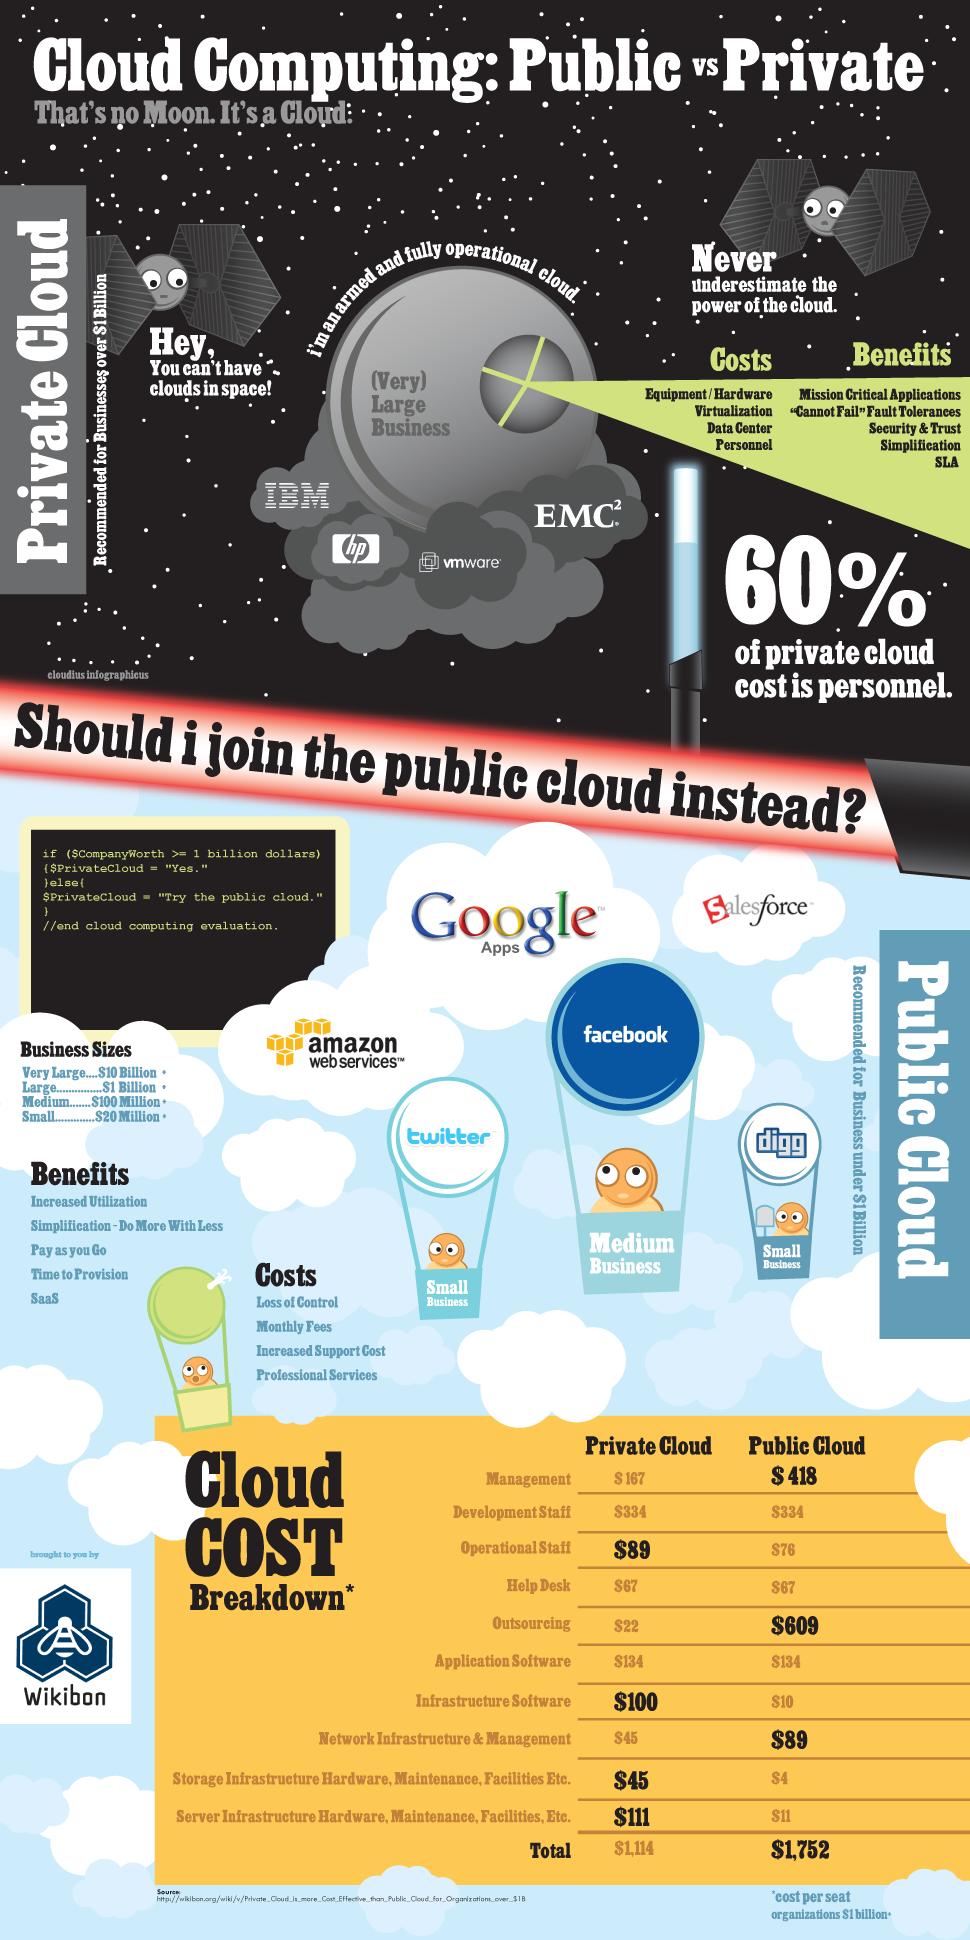 Cloud privé / public